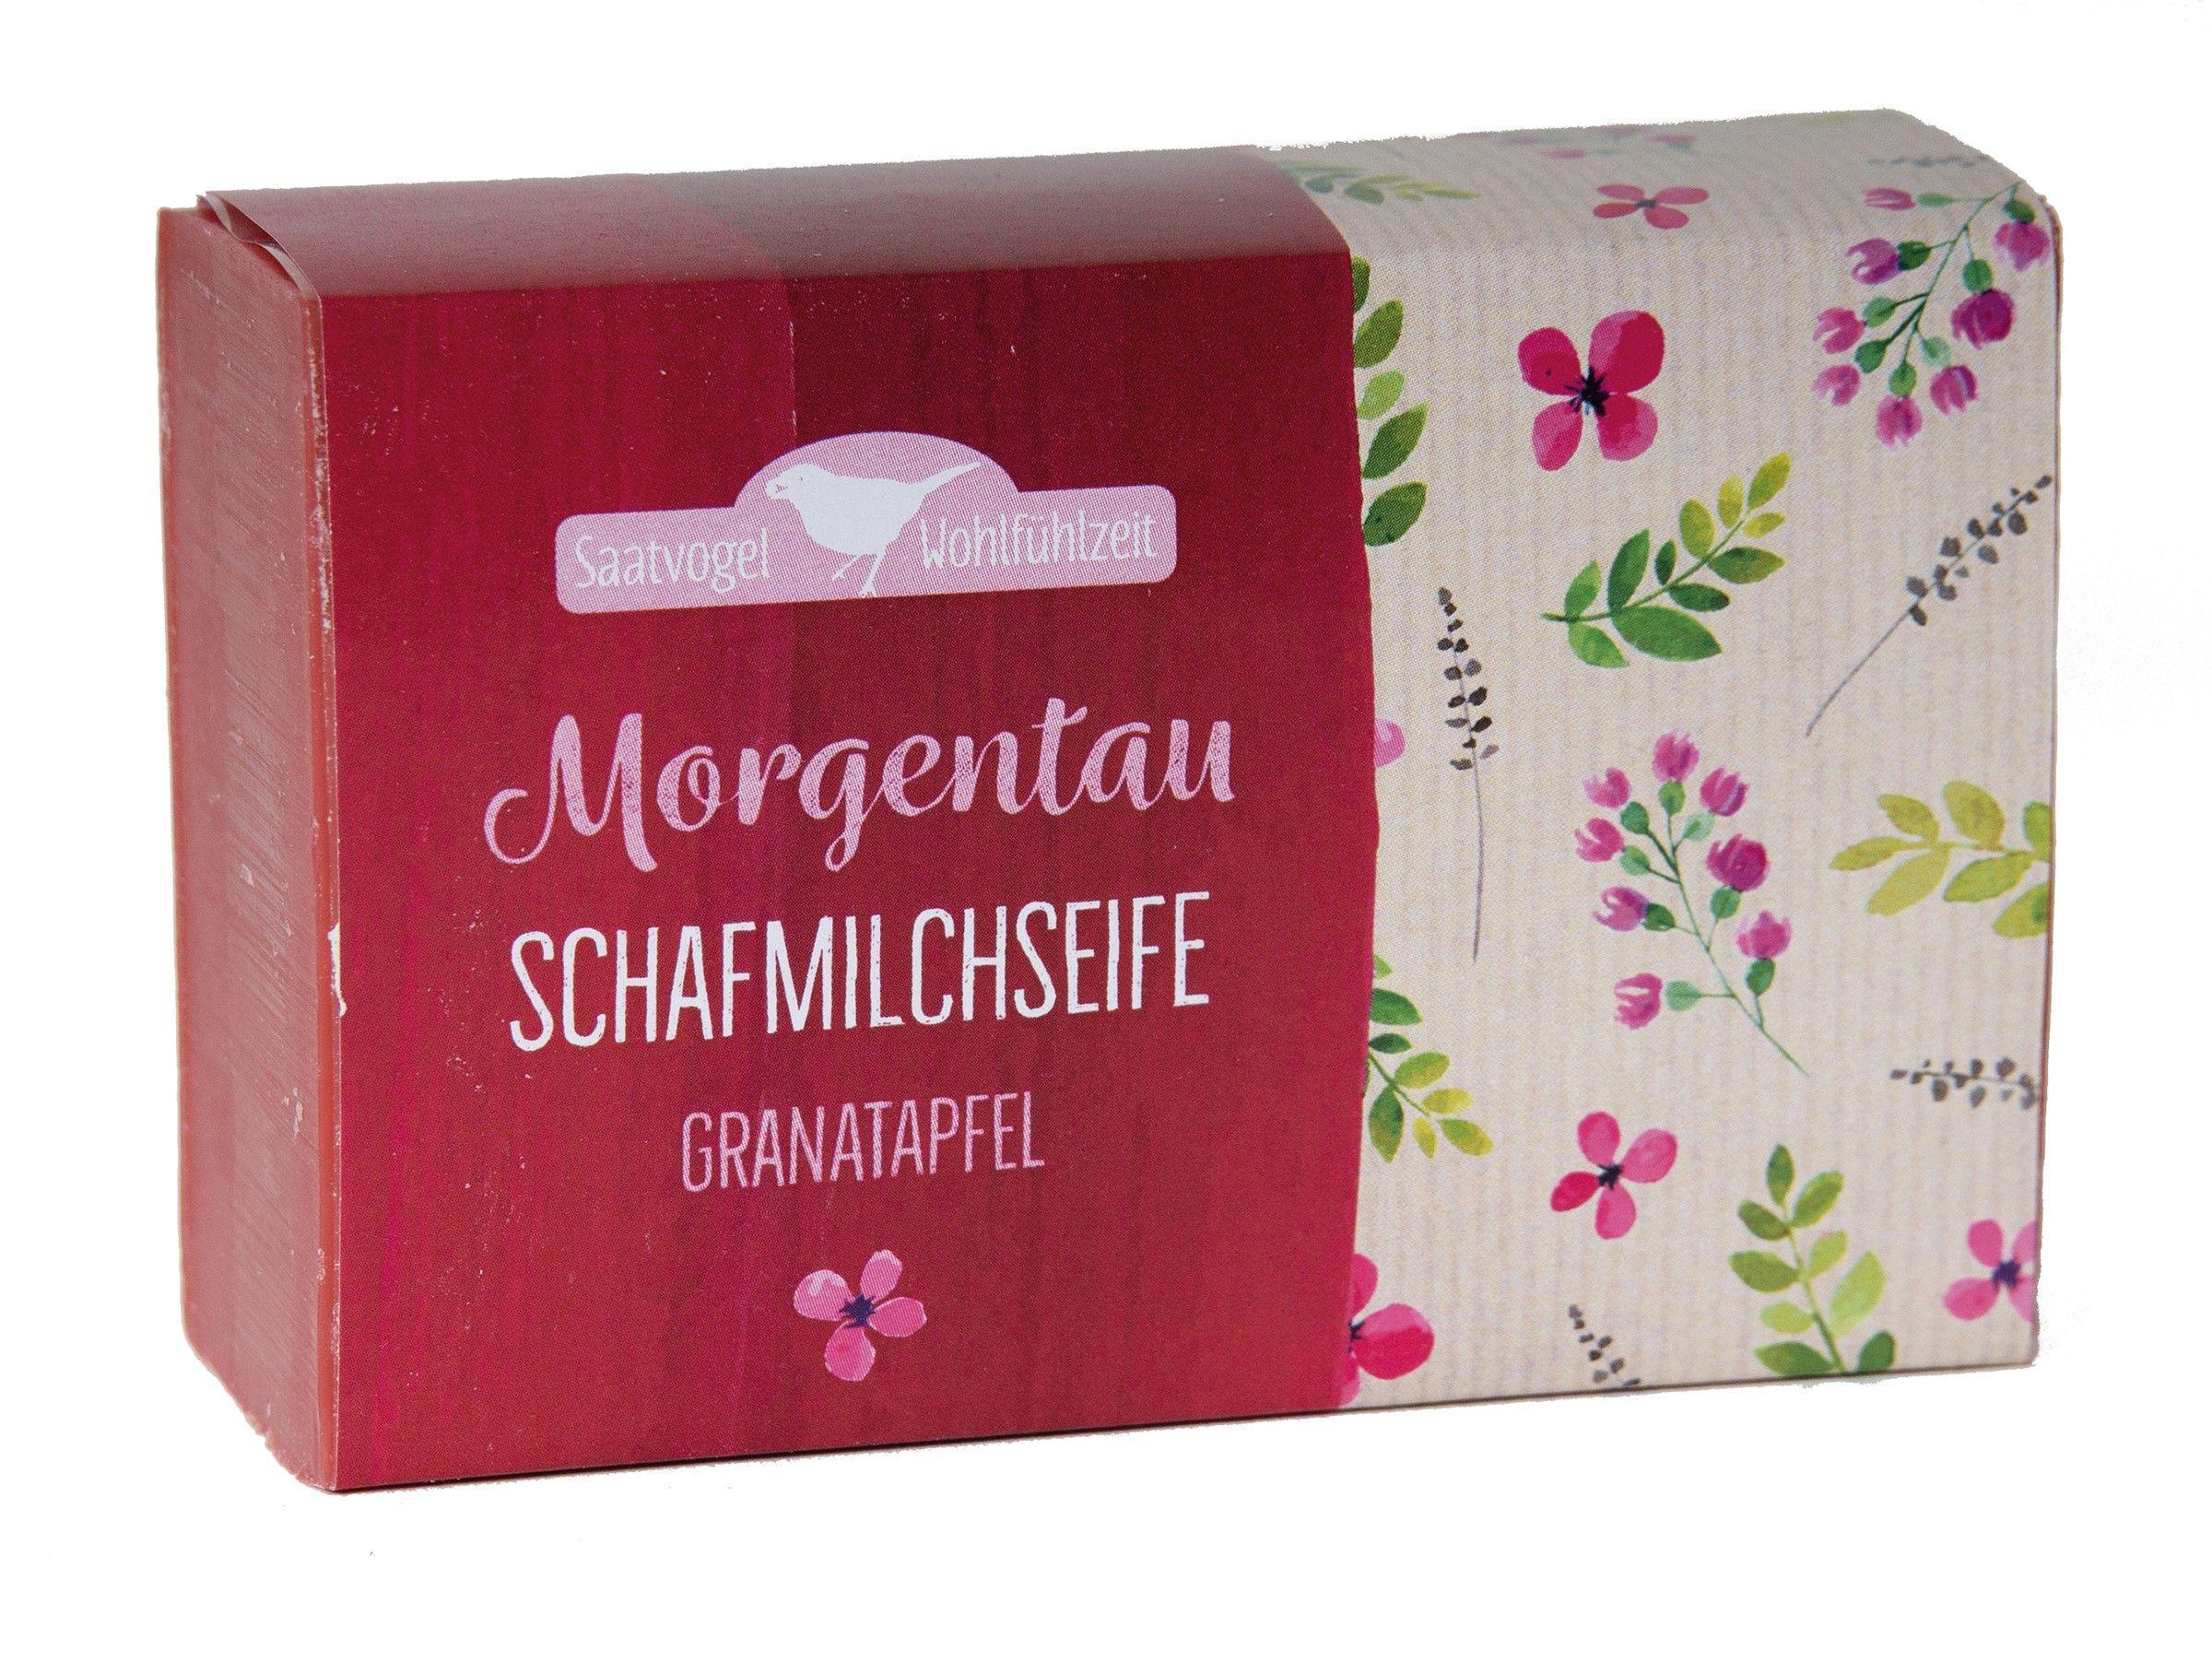 Schafmilchseife Morgentau - Granatapfel